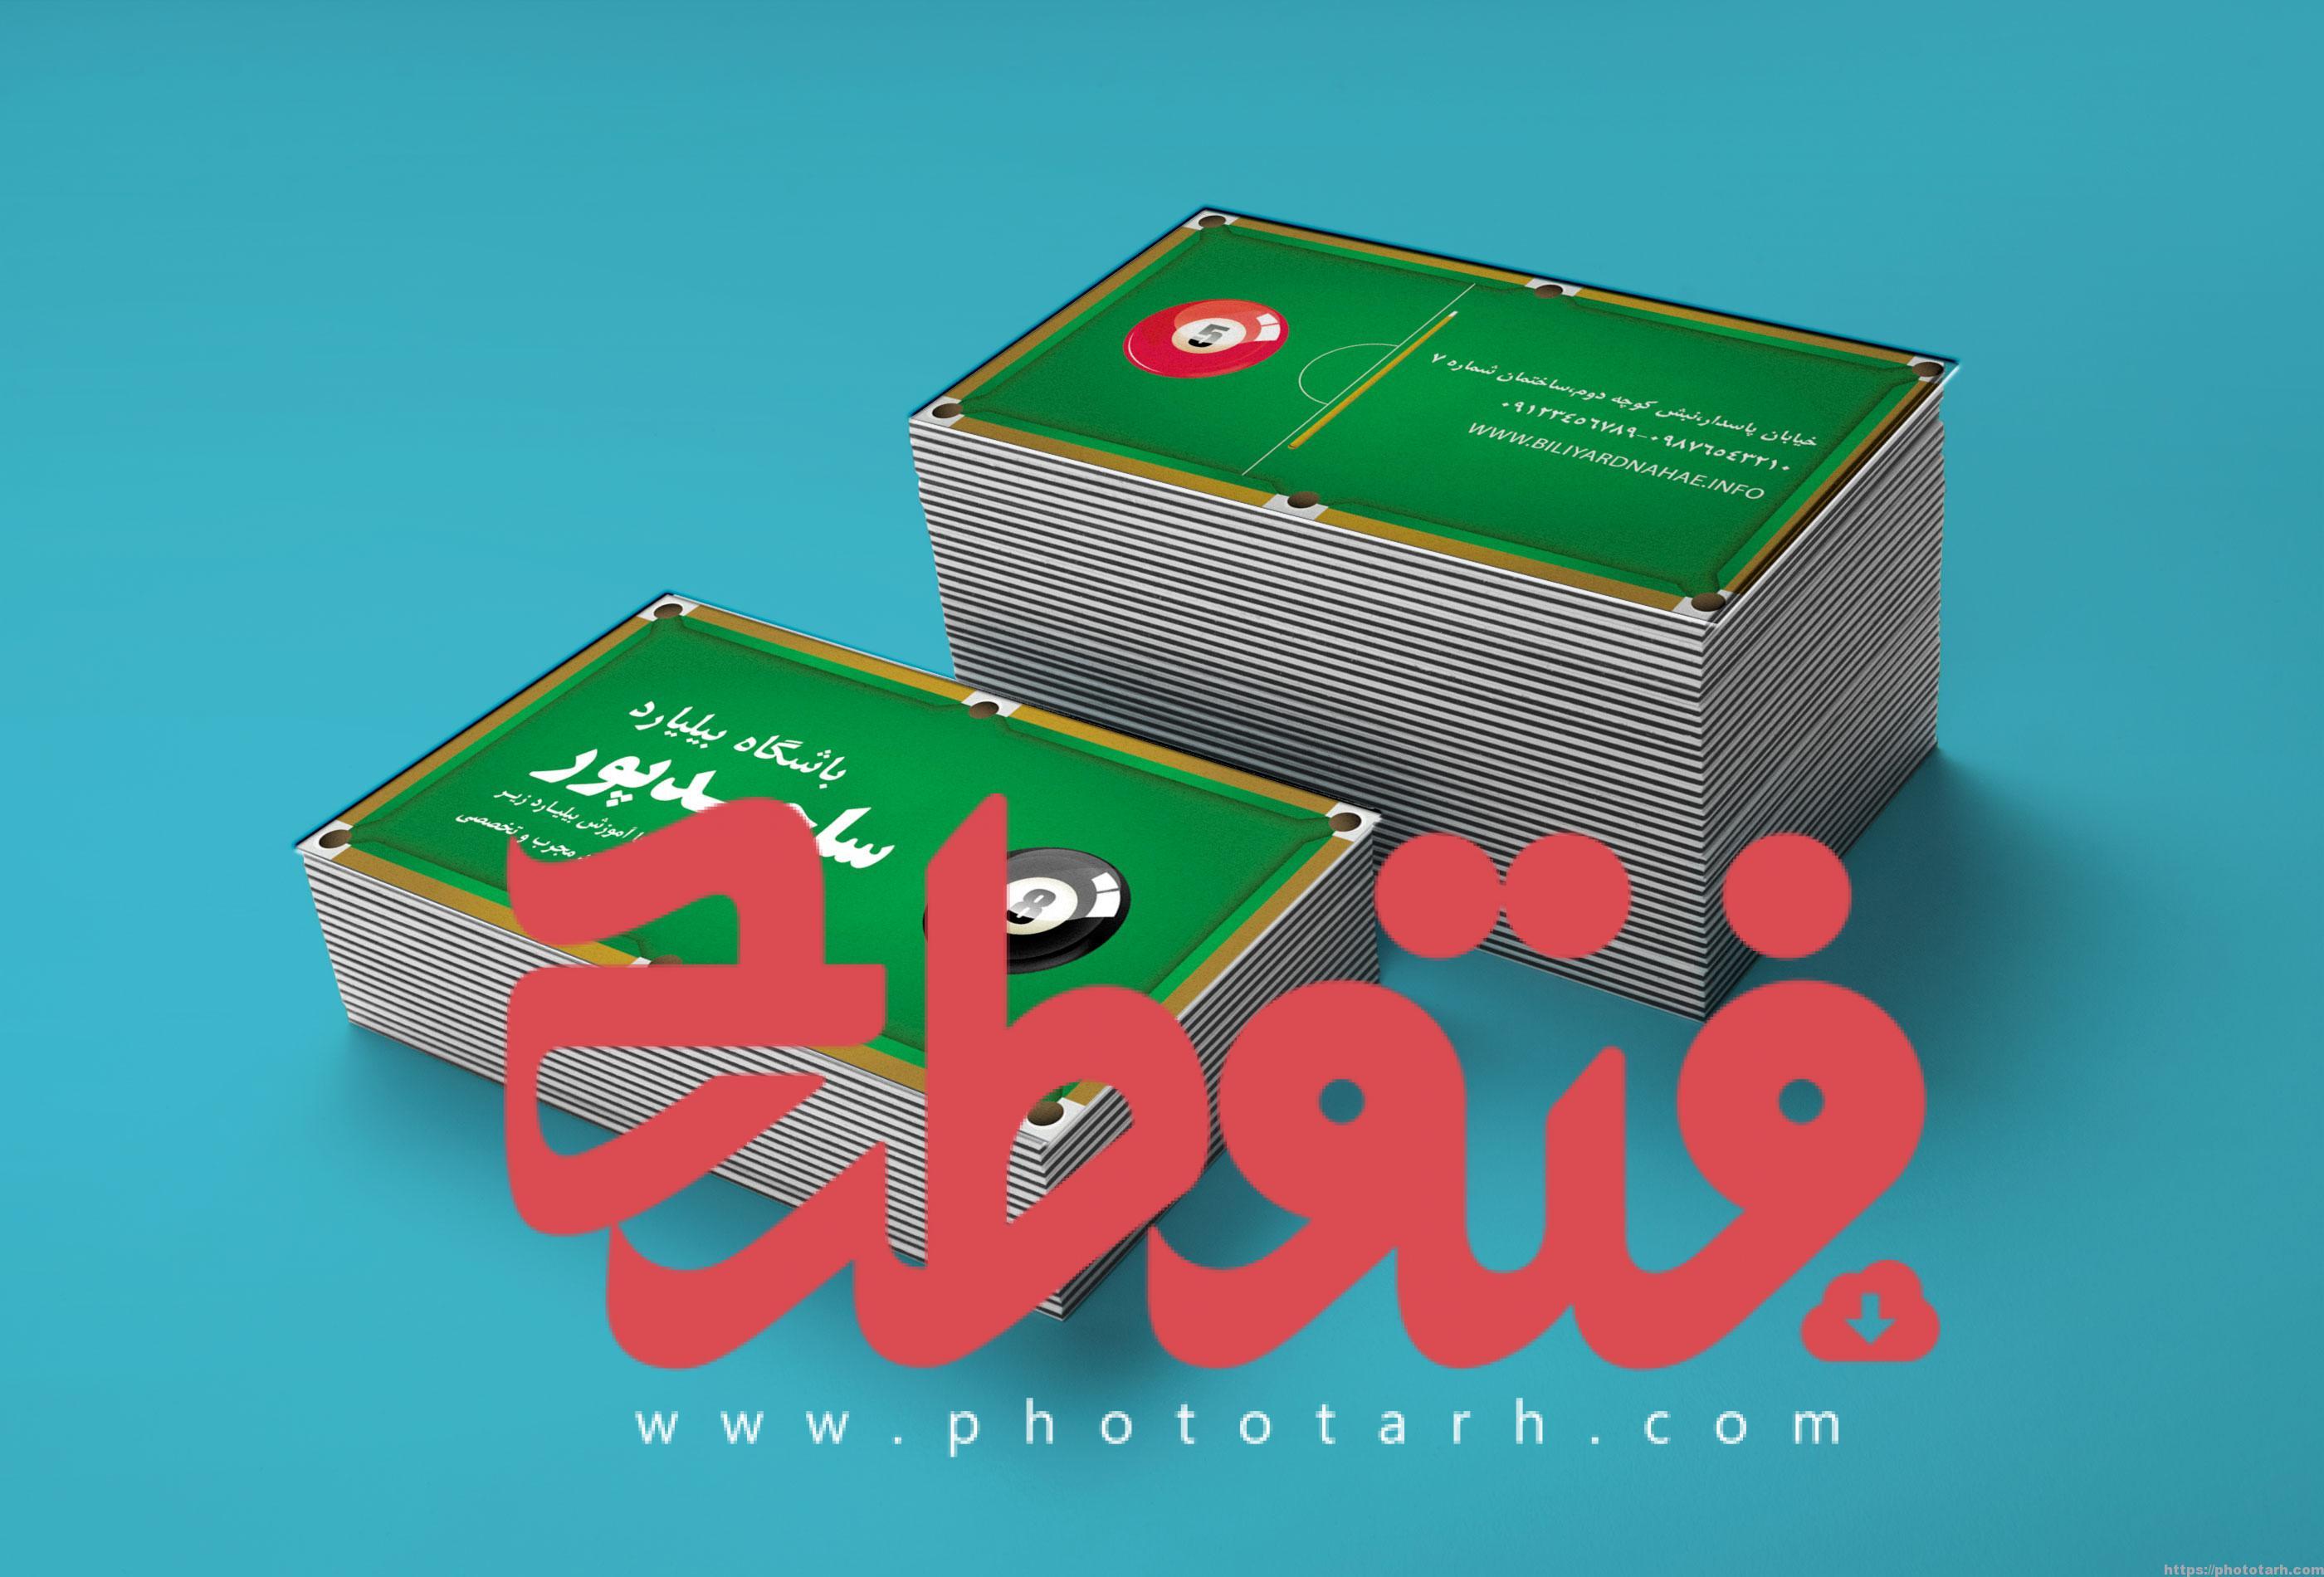 mukap 34 - کارت ویزیت لایه باز  باشگاه بیلیارد